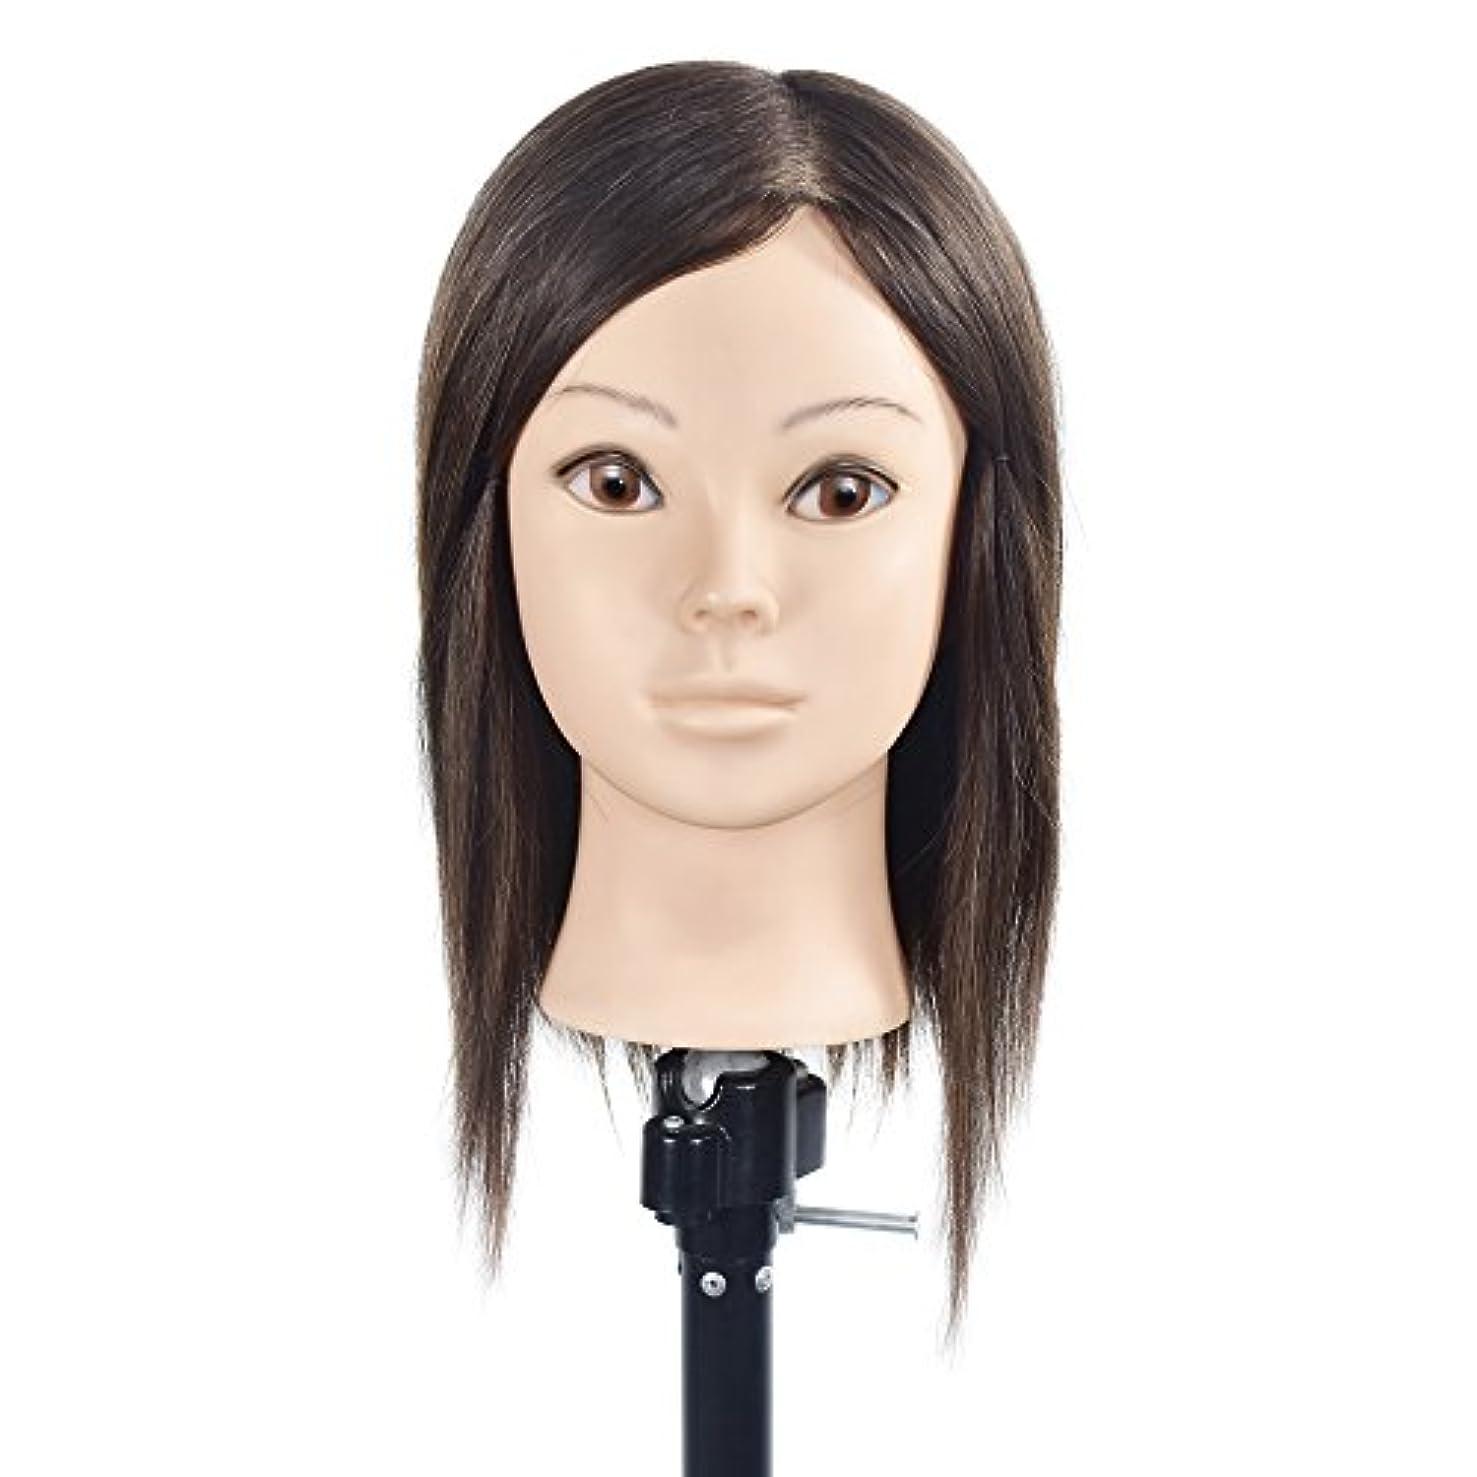 器用祖母繕うトレーニングヘッド美容師100%リアルヒューマンヘアスタイリングマニアックマネキン人形(フリーテーブルクランプ付)